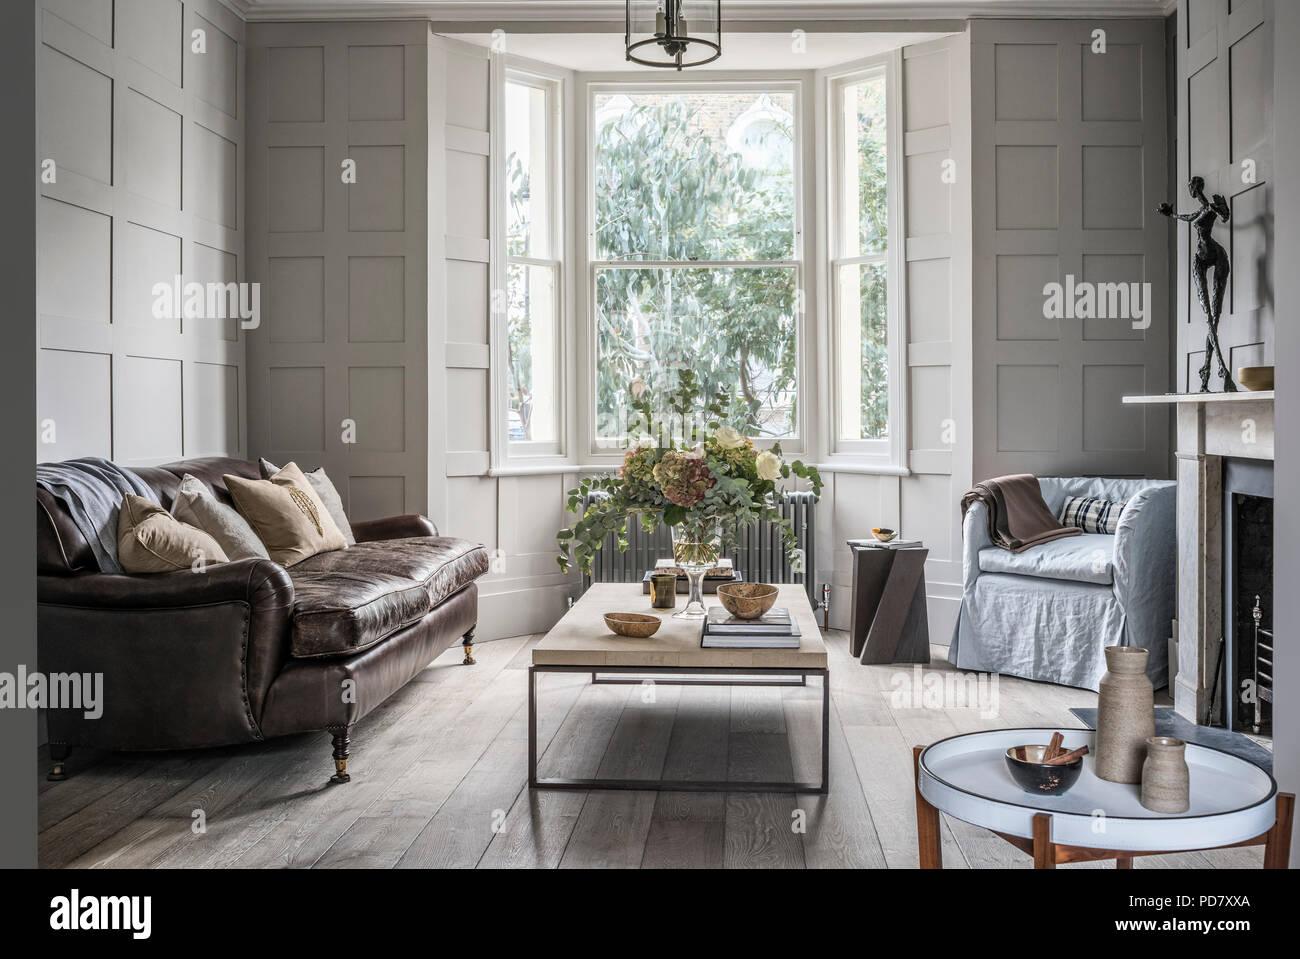 große vintage george smith leder sofa im wohnzimmer mit